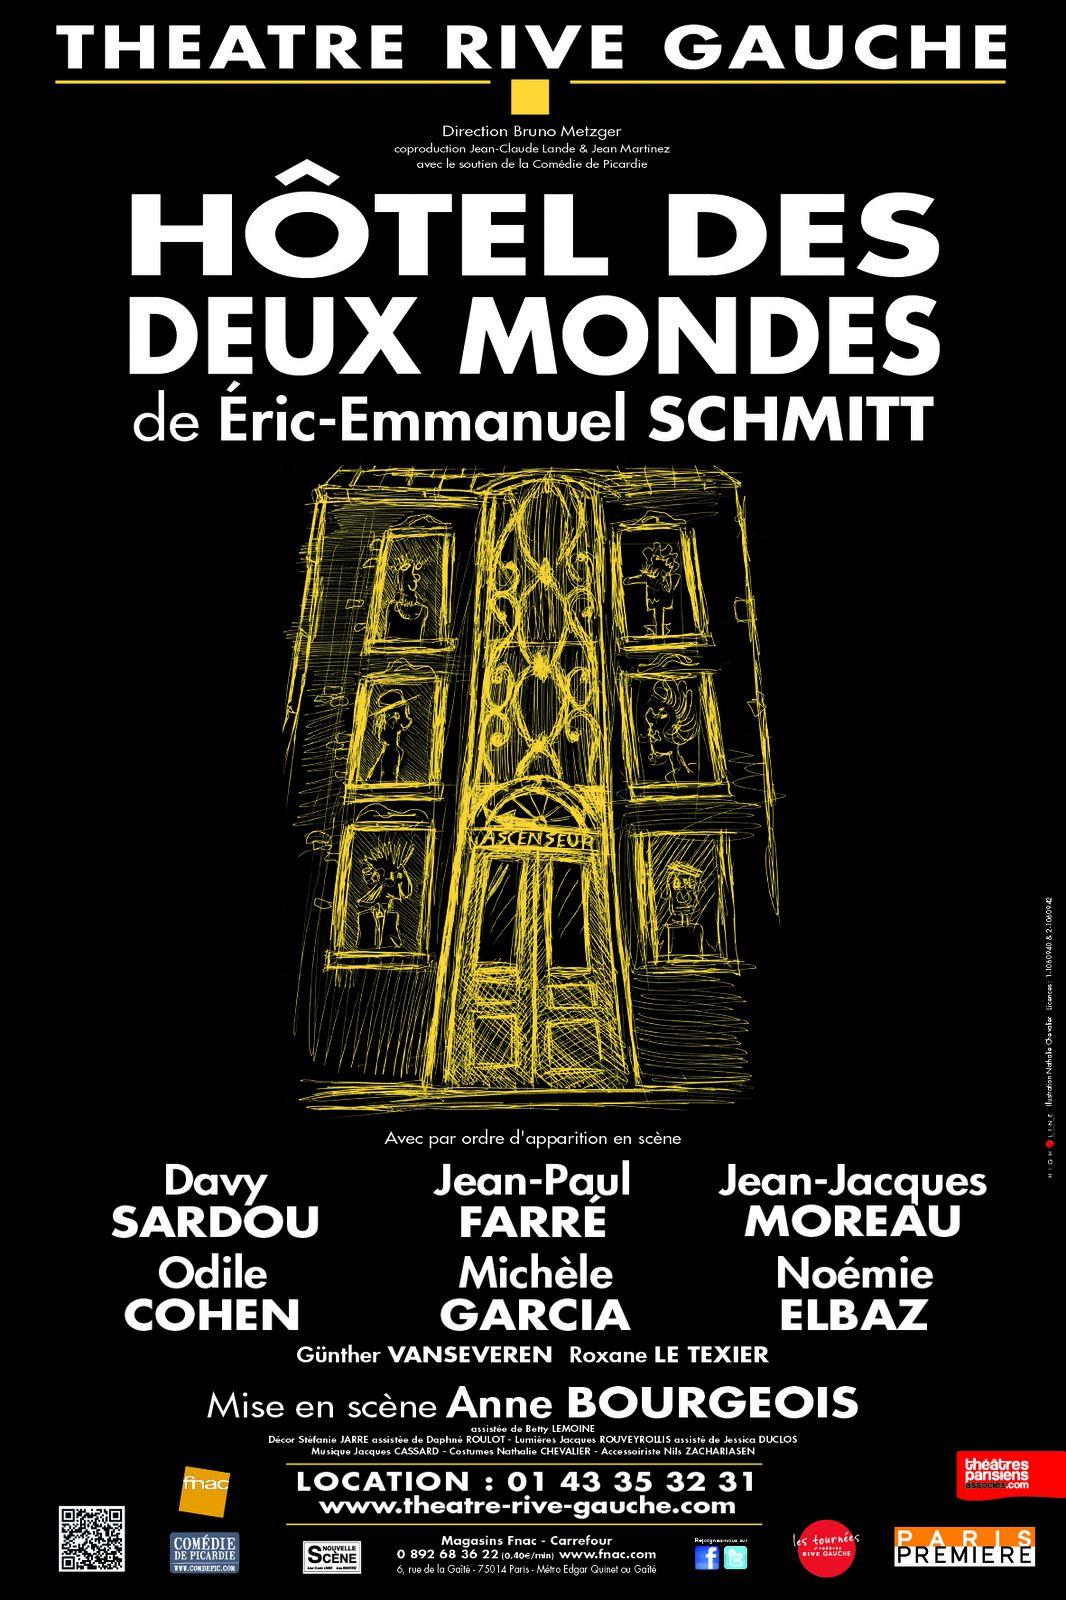 Rencontre avec Davy Sardou, actuellement à l'affiche au Théâtre Rive Gauche pour Hôtel des Deux Mondes